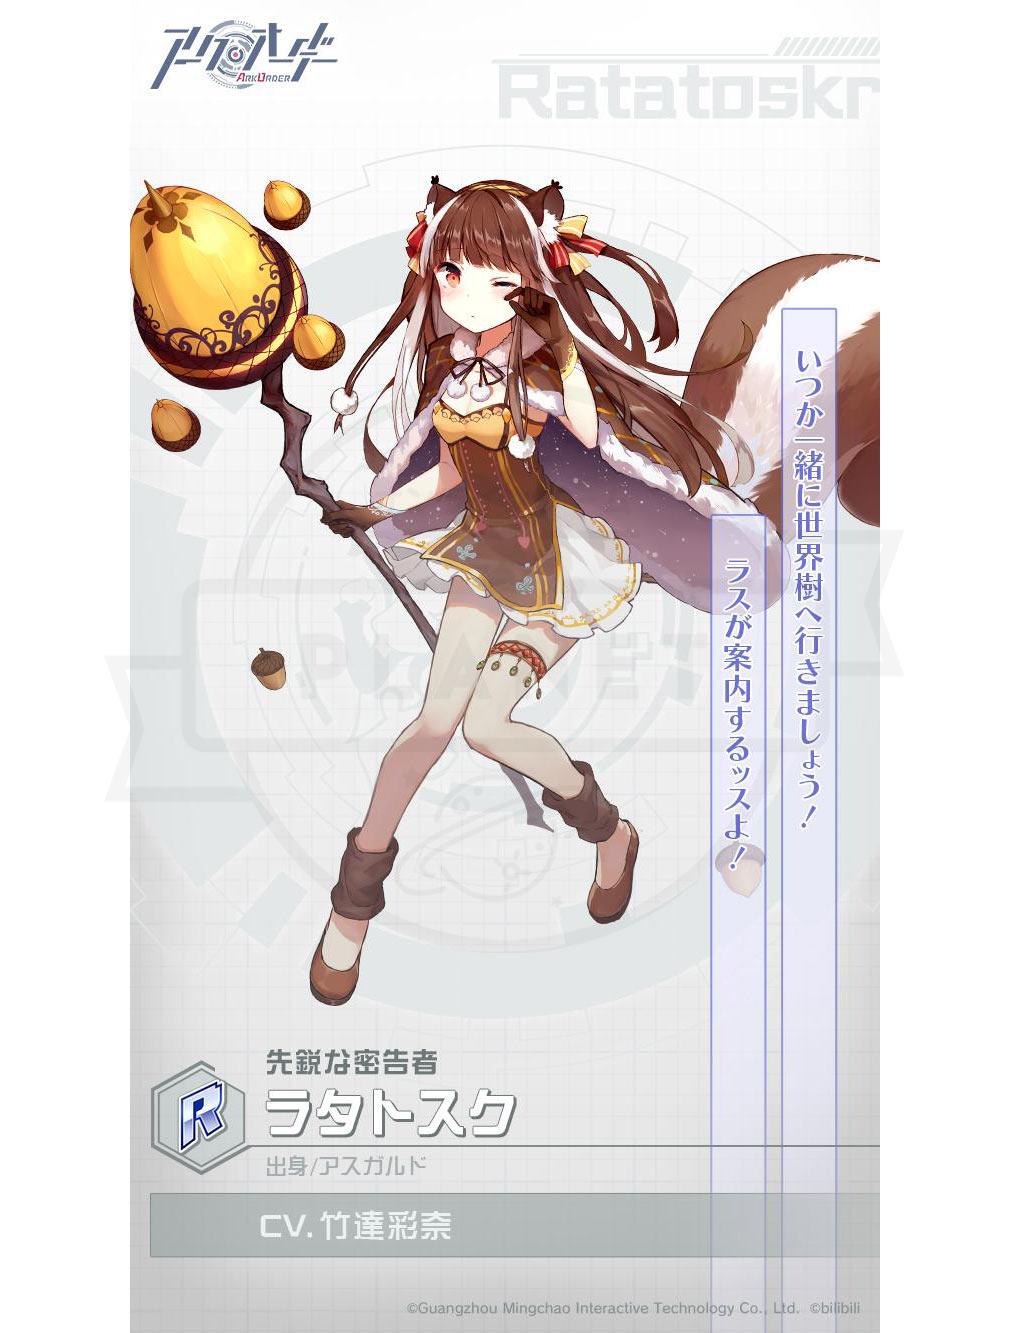 アークオーダー 誓霊キャラクター『ラタトスク』紹介イメージ